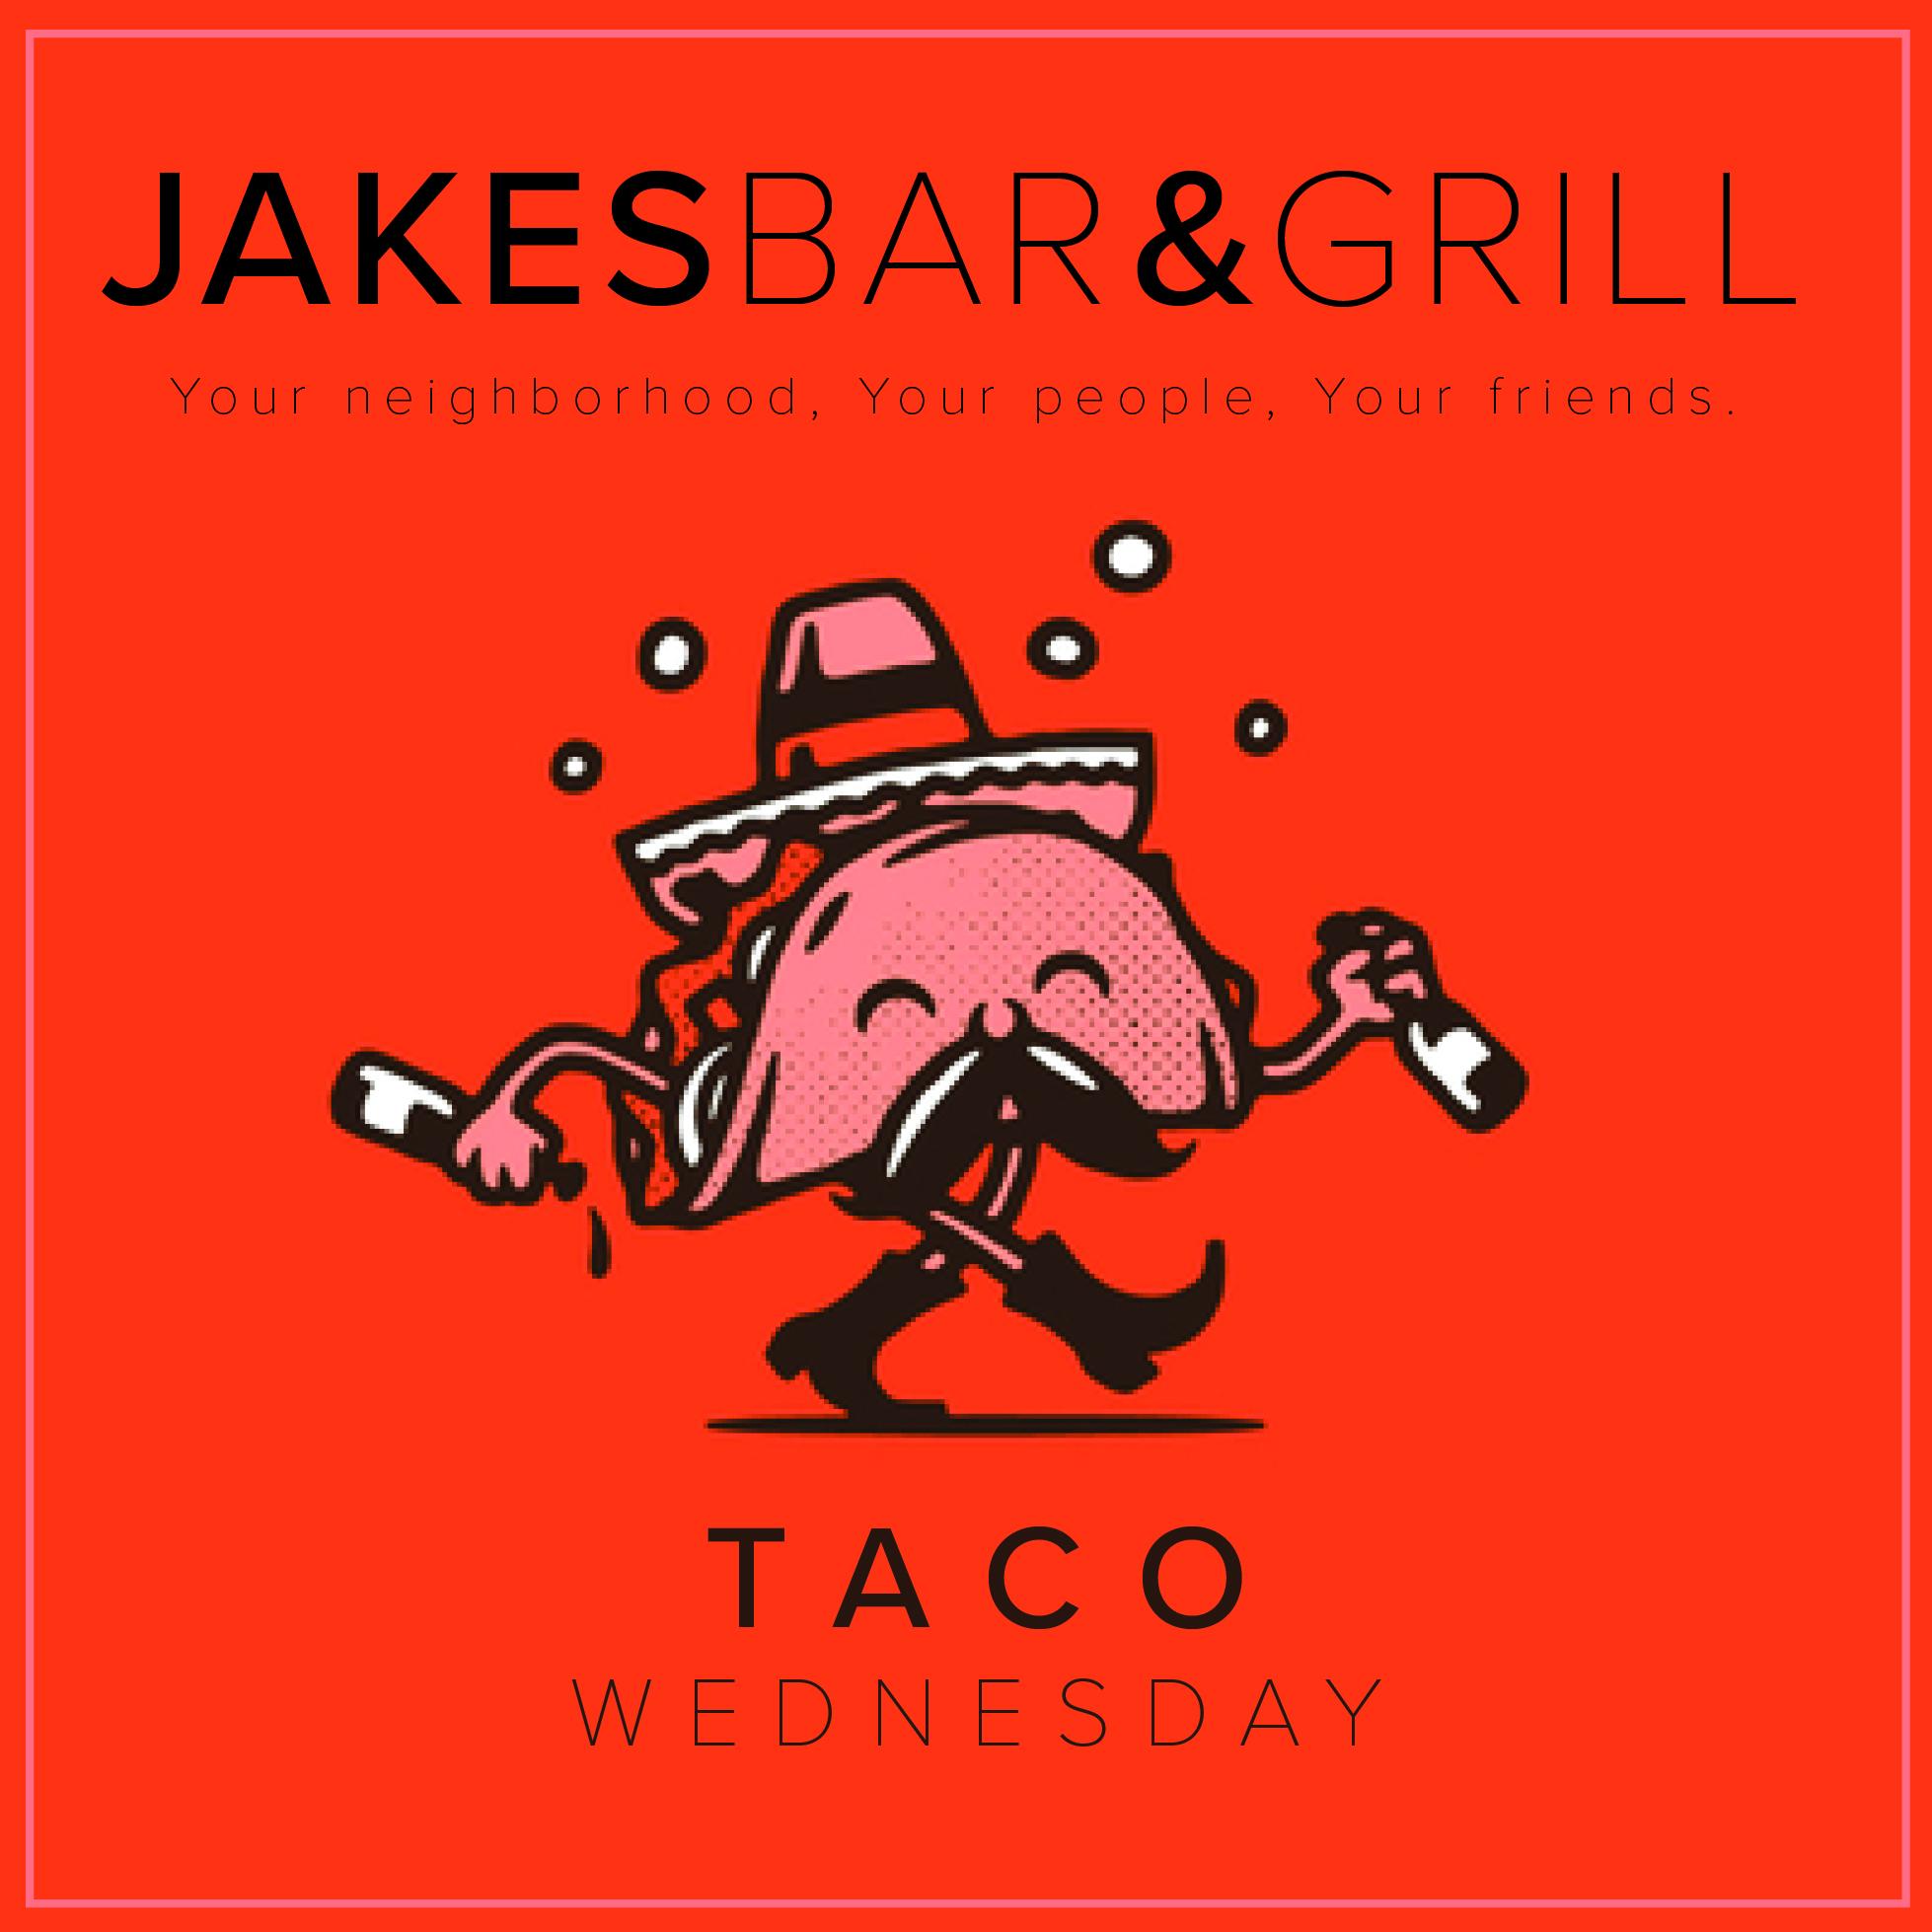 Taco Wednesdays at Jake's